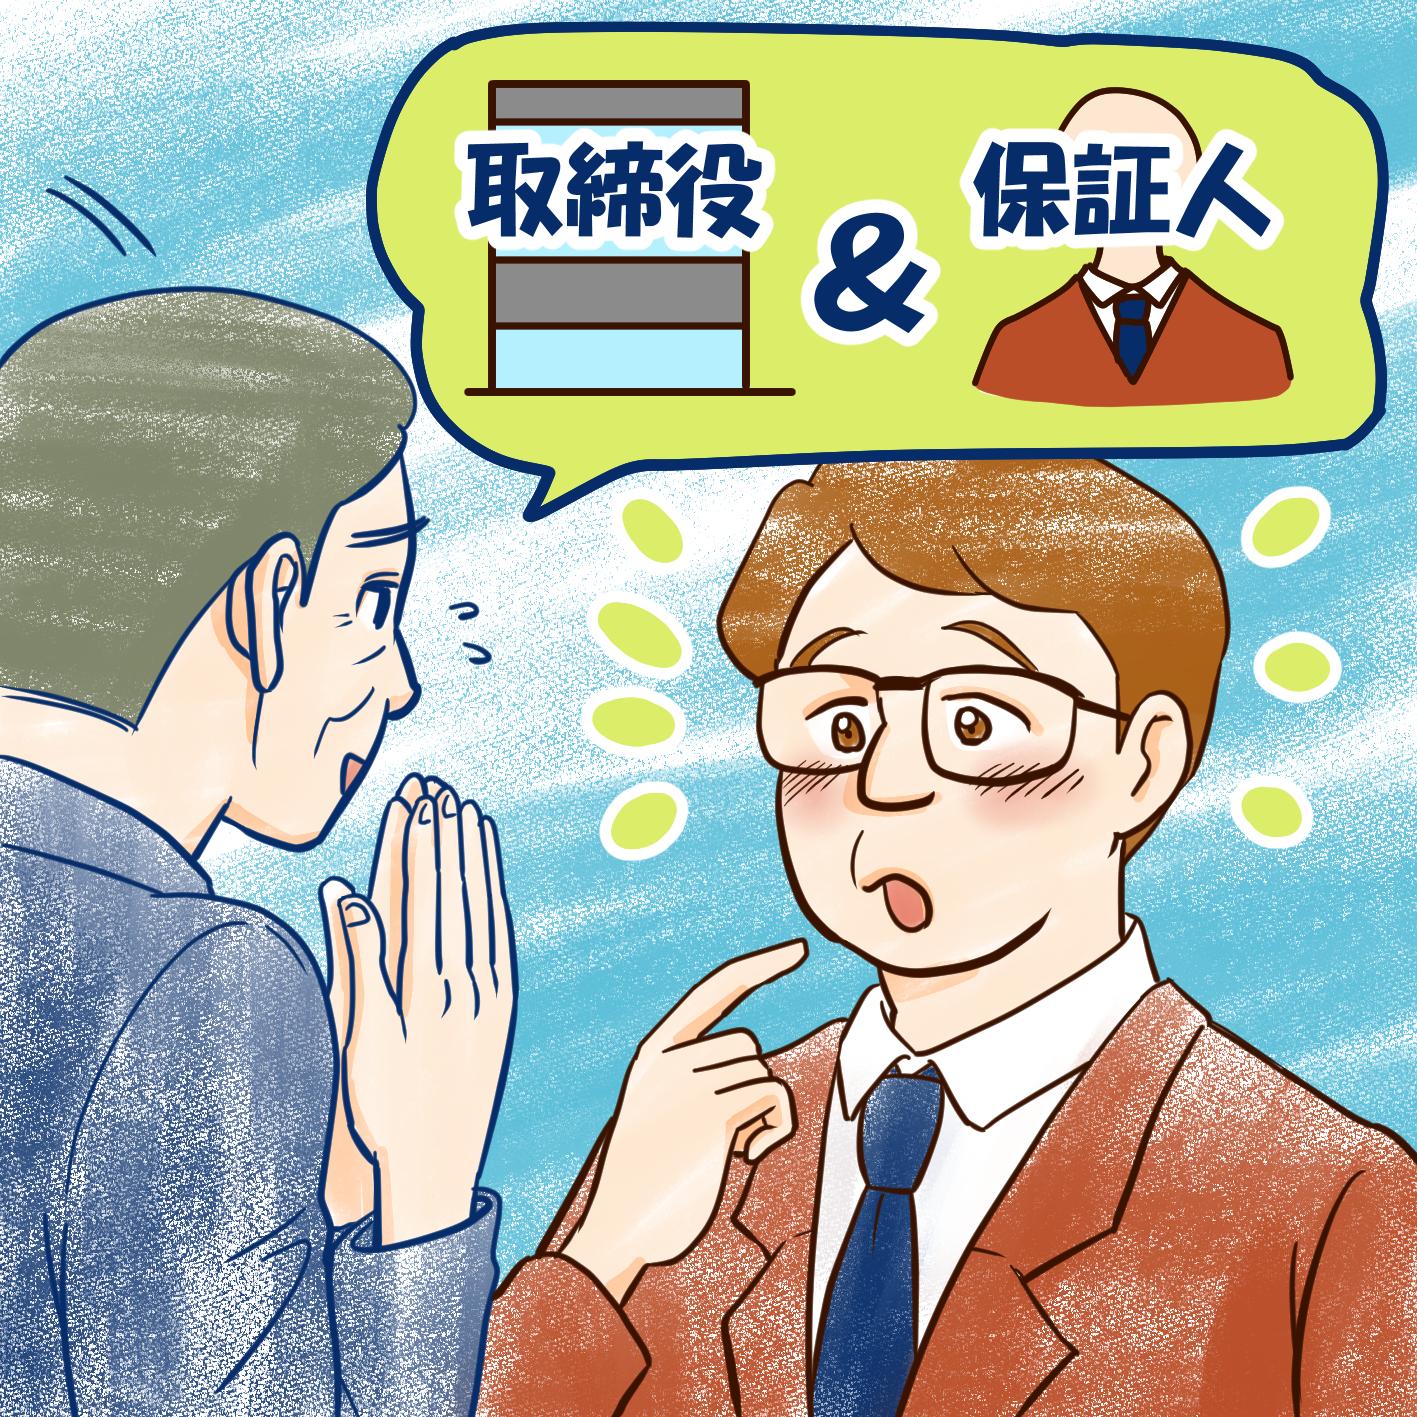 北日本新聞様の掲載コラム【くらしの法律Q&A第41回】イラストを描きました!